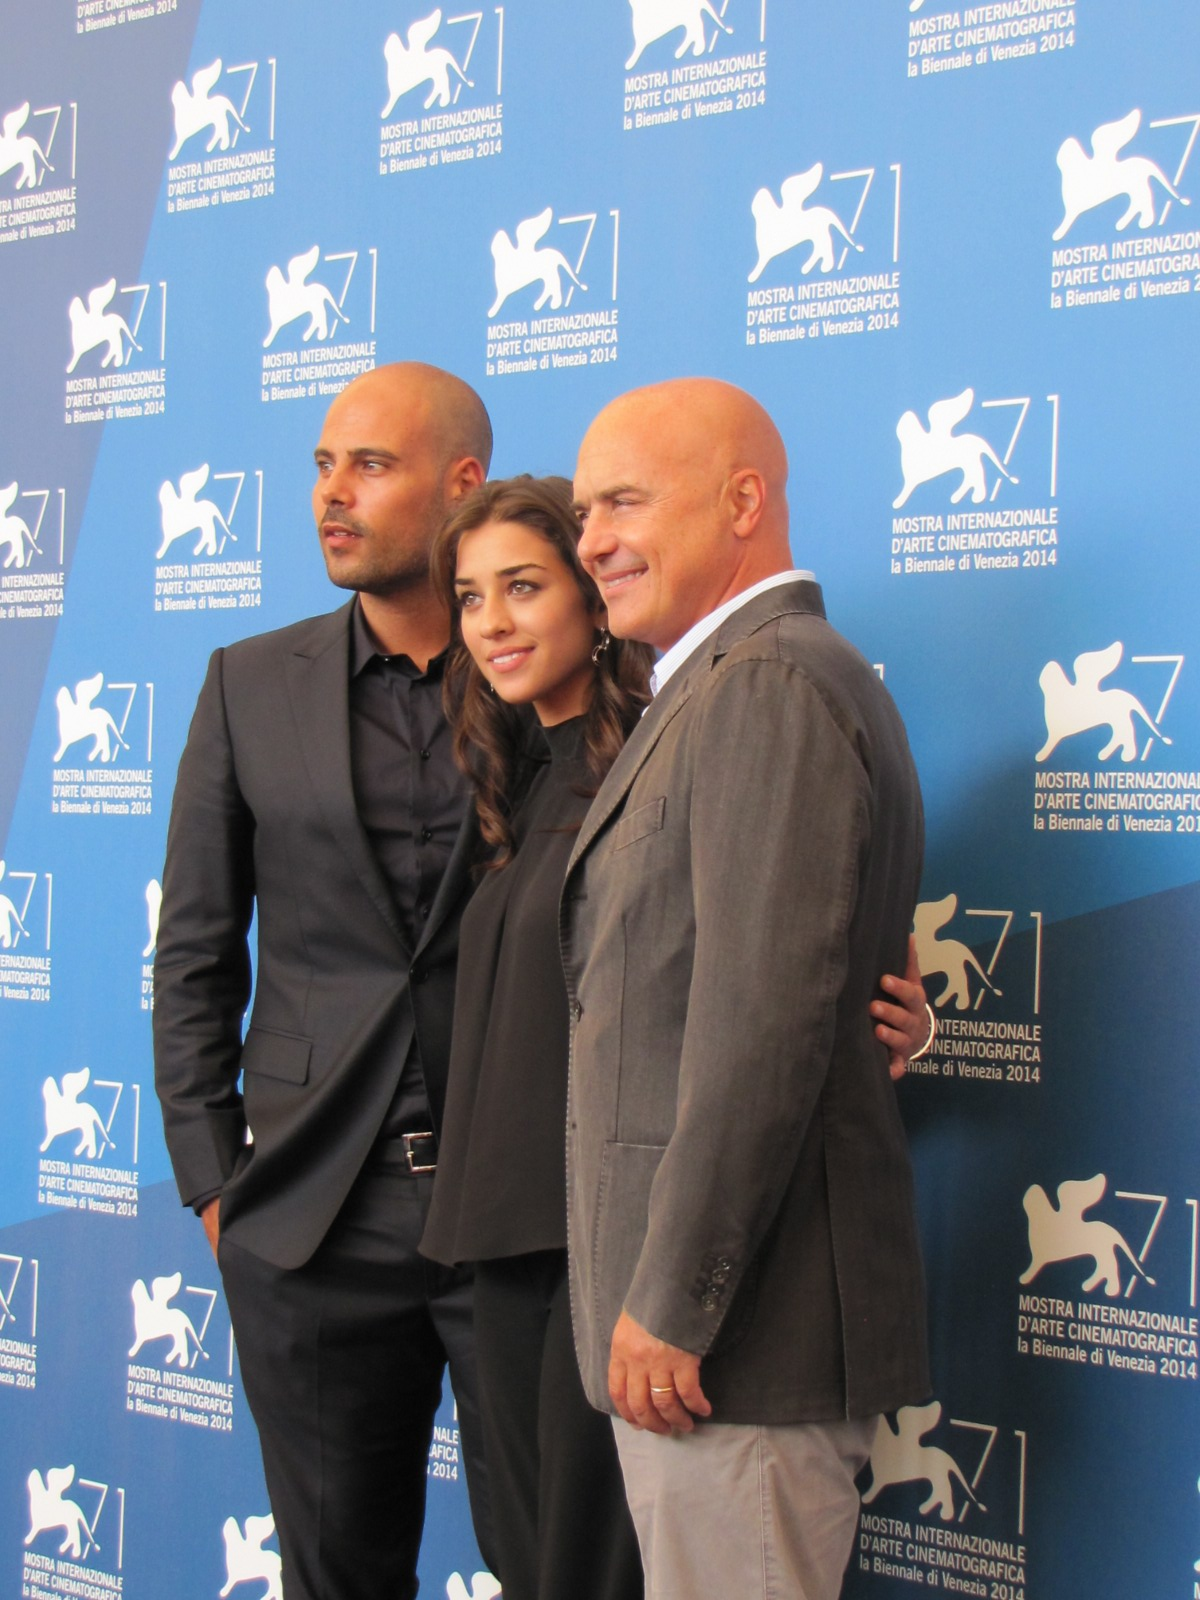 'Perez' a Venezia 2014 - tre protagonisti del film